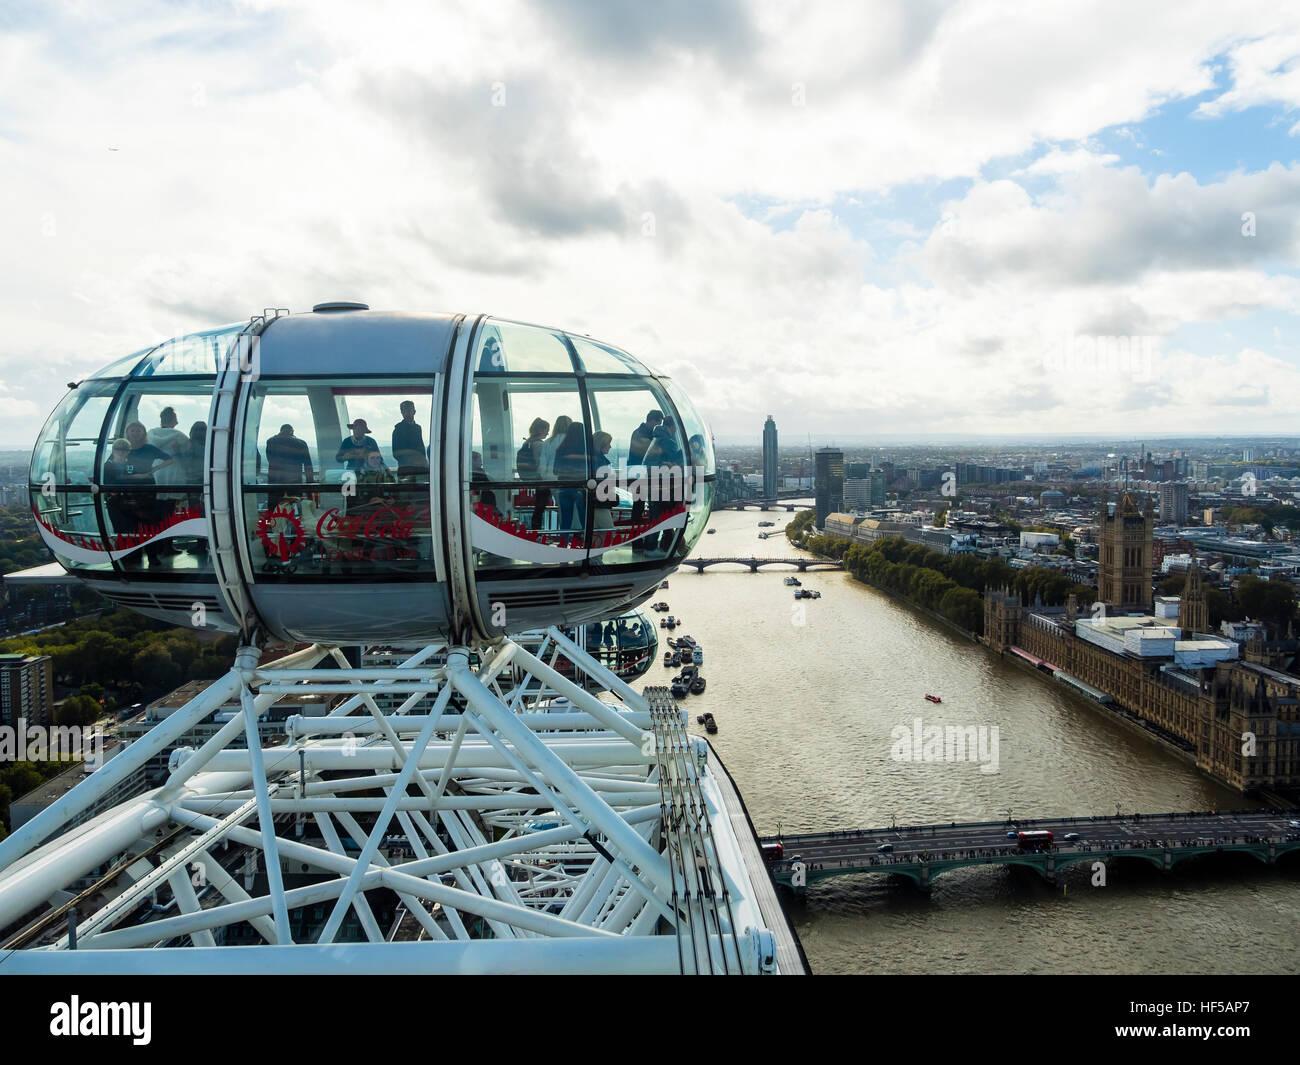 Capsule, London Eye, London, England, Regno Unito Immagini Stock